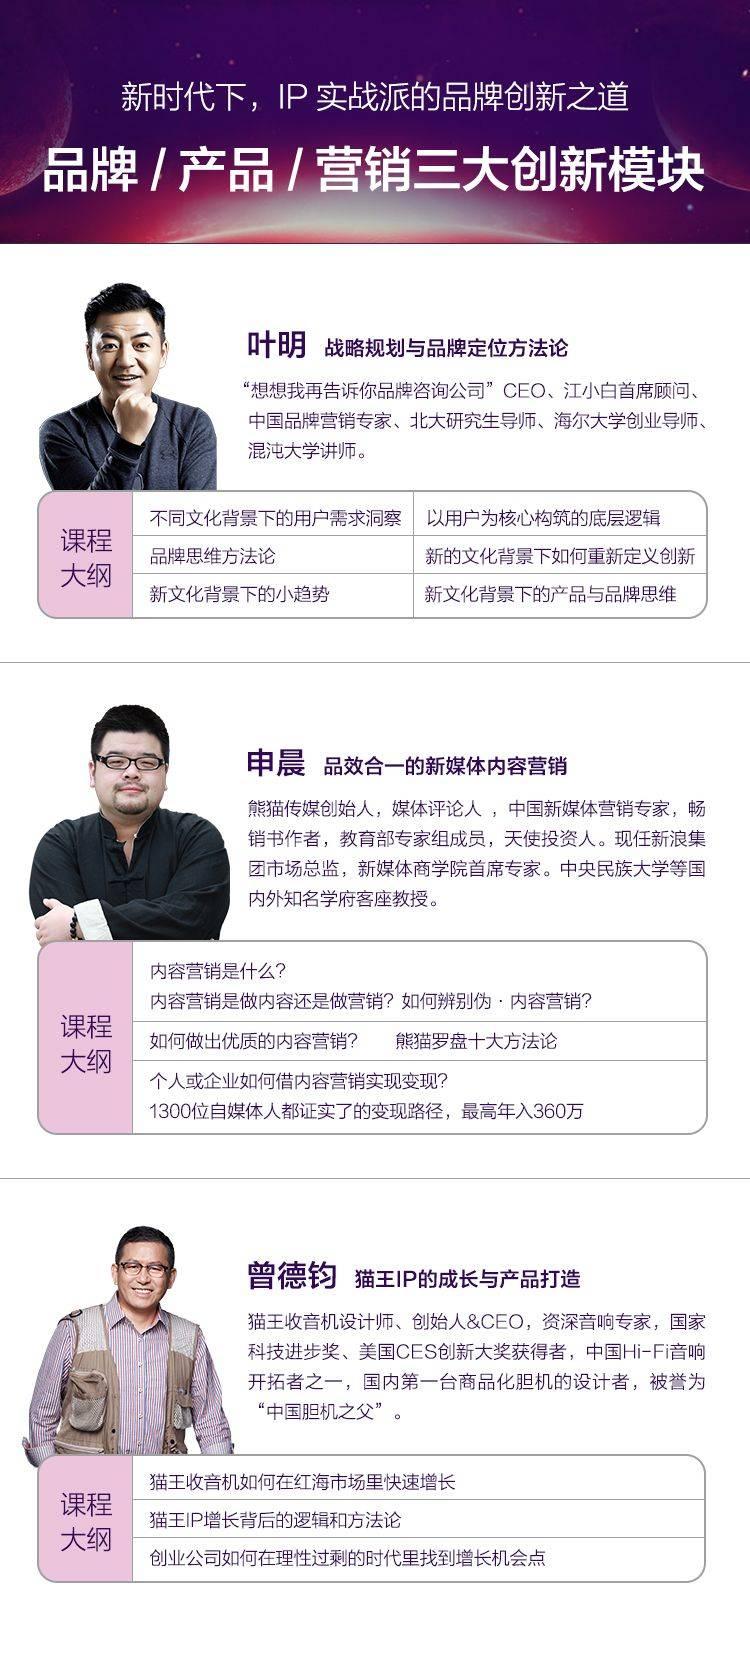 当前环境下,如何打造新品牌?江小白、猫王收音机的营销秘籍